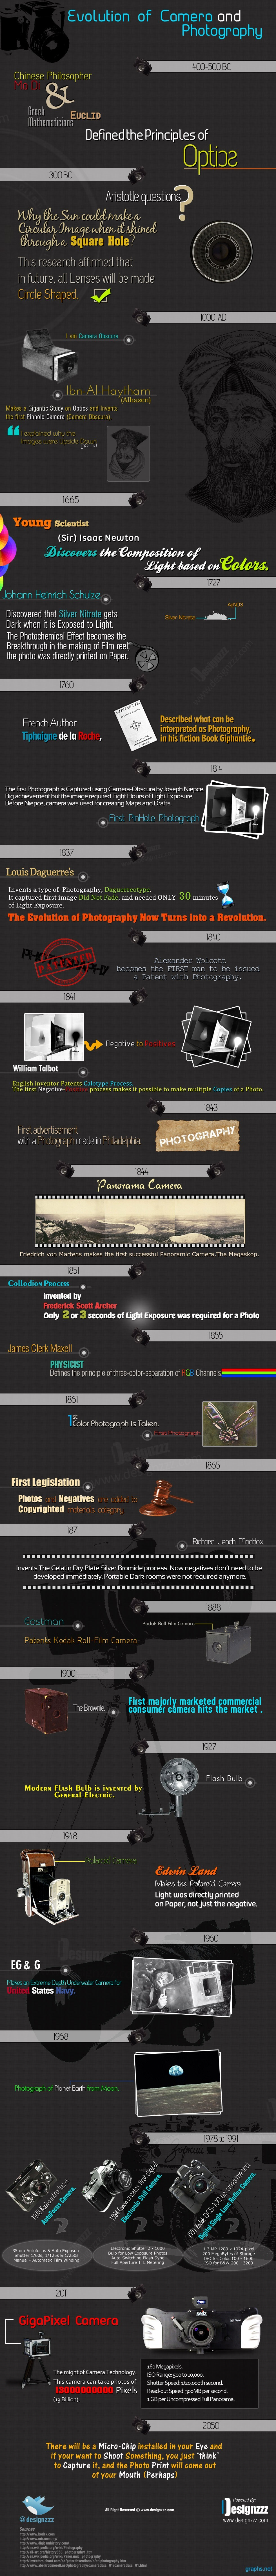 evolution of cameras timeline